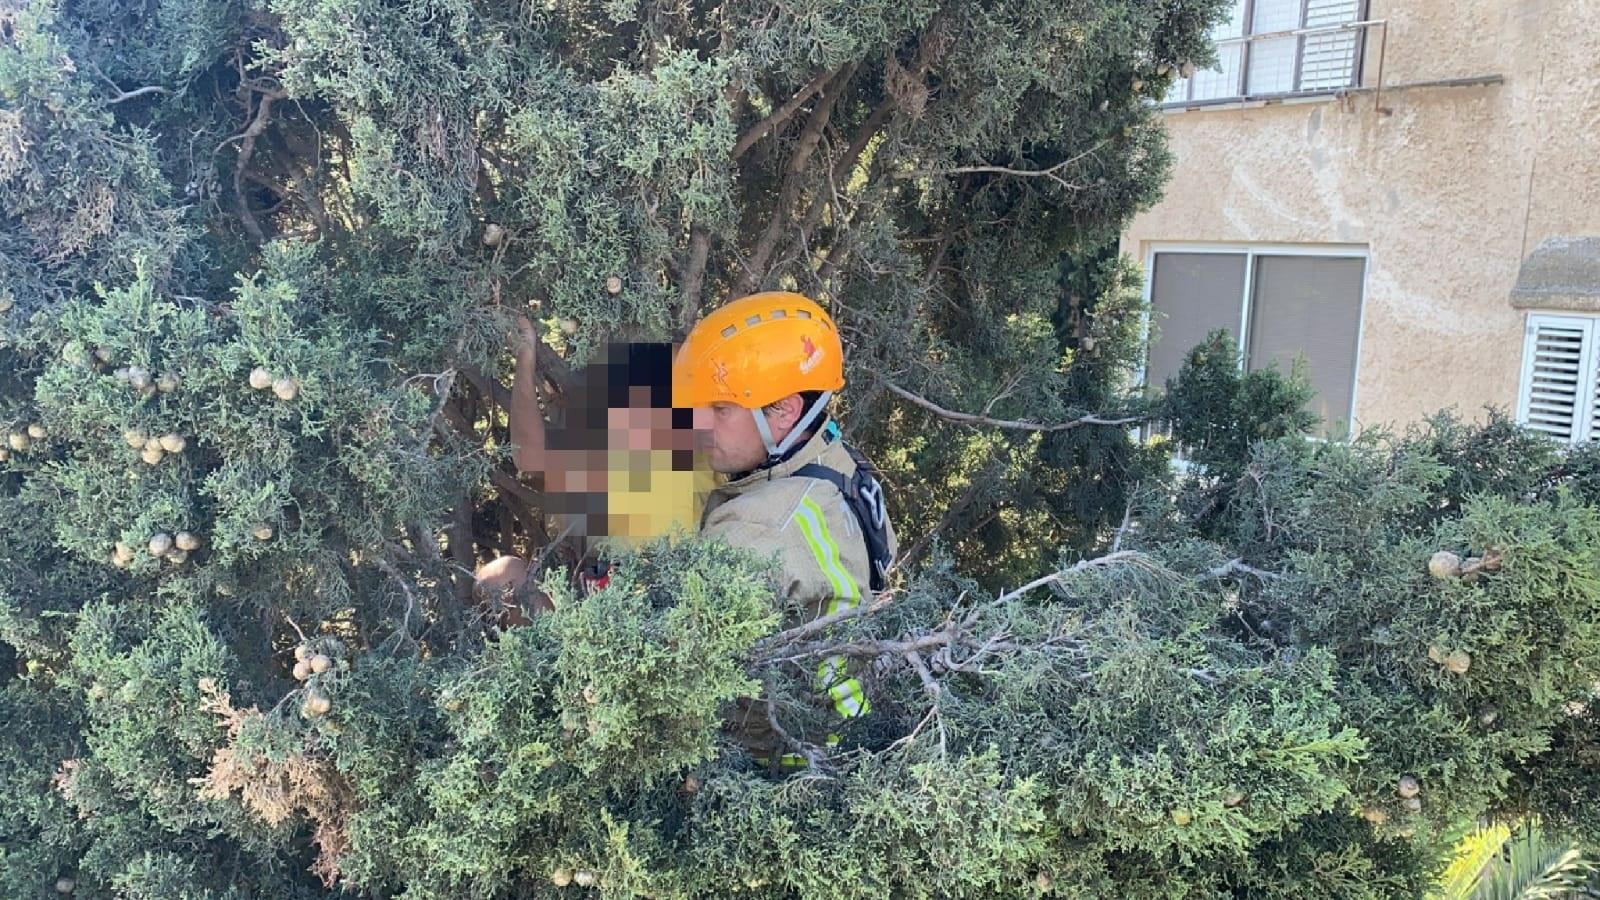 """כוחות כב""""ה מחלצים את הילד מהעץ (צילום: דוברות כבאות והצלה, מחוז חוף)"""